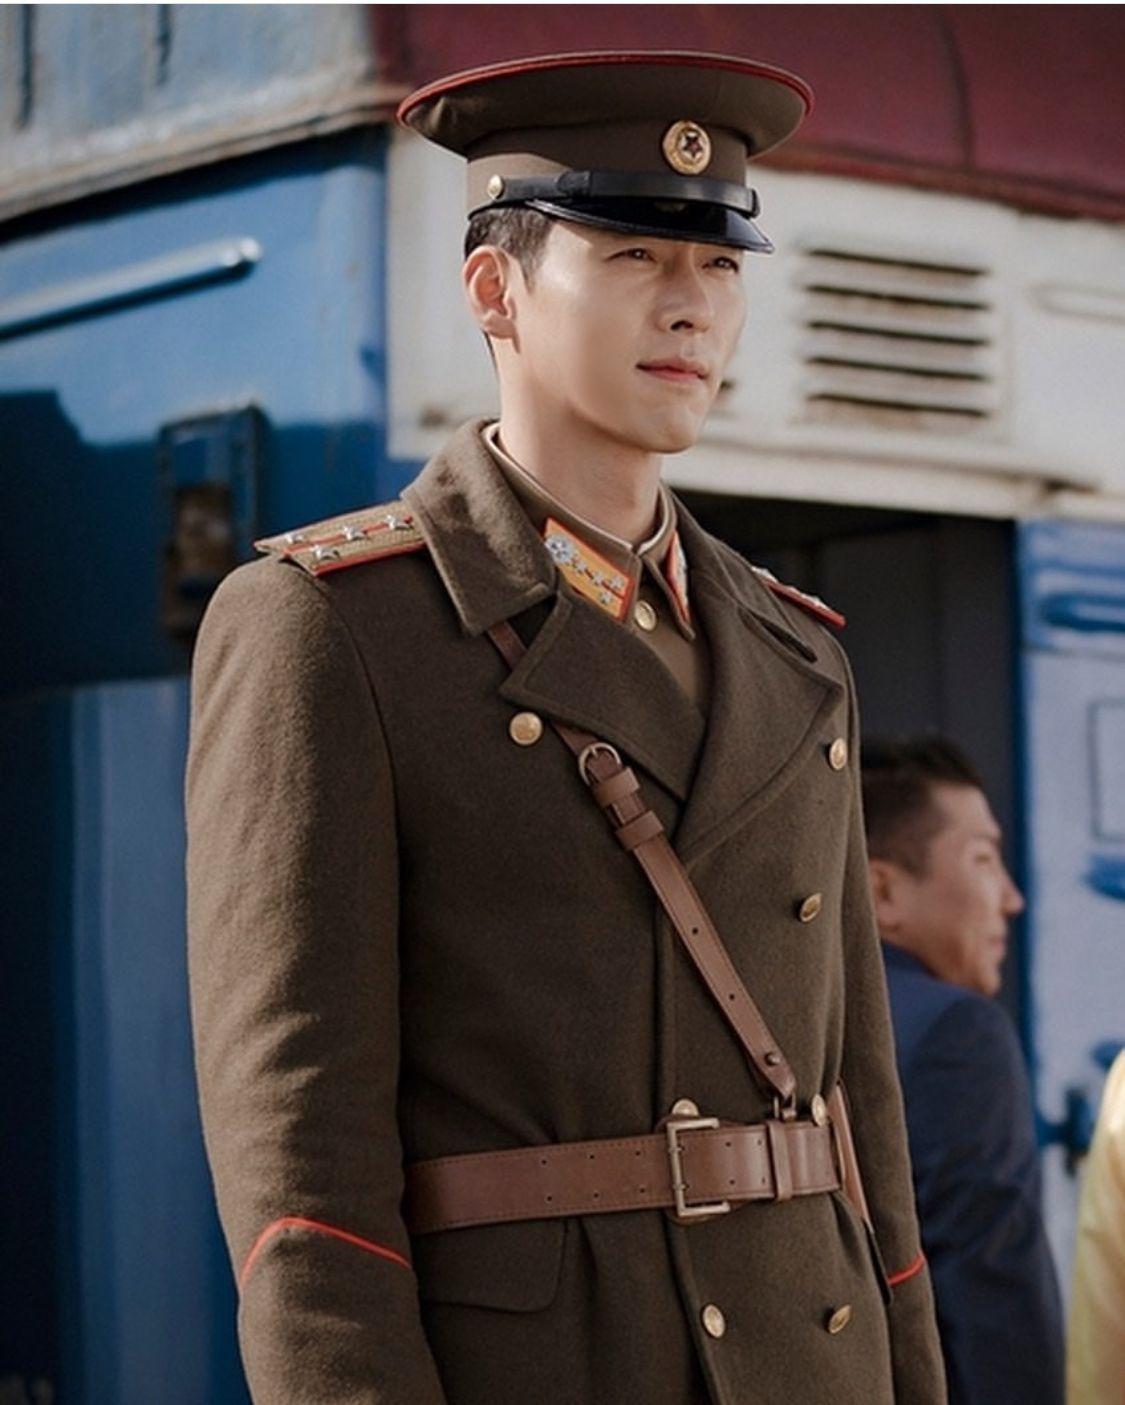 7 nhân vật phim Hàn fan muốn ở cùng nếu bị mắc kẹt trên hoang đảo: Bạn gái Song Joong Ki bất ngờ lọt top, hạng 1 khó ai tranh được với Son Ye Jin - Ảnh 1.